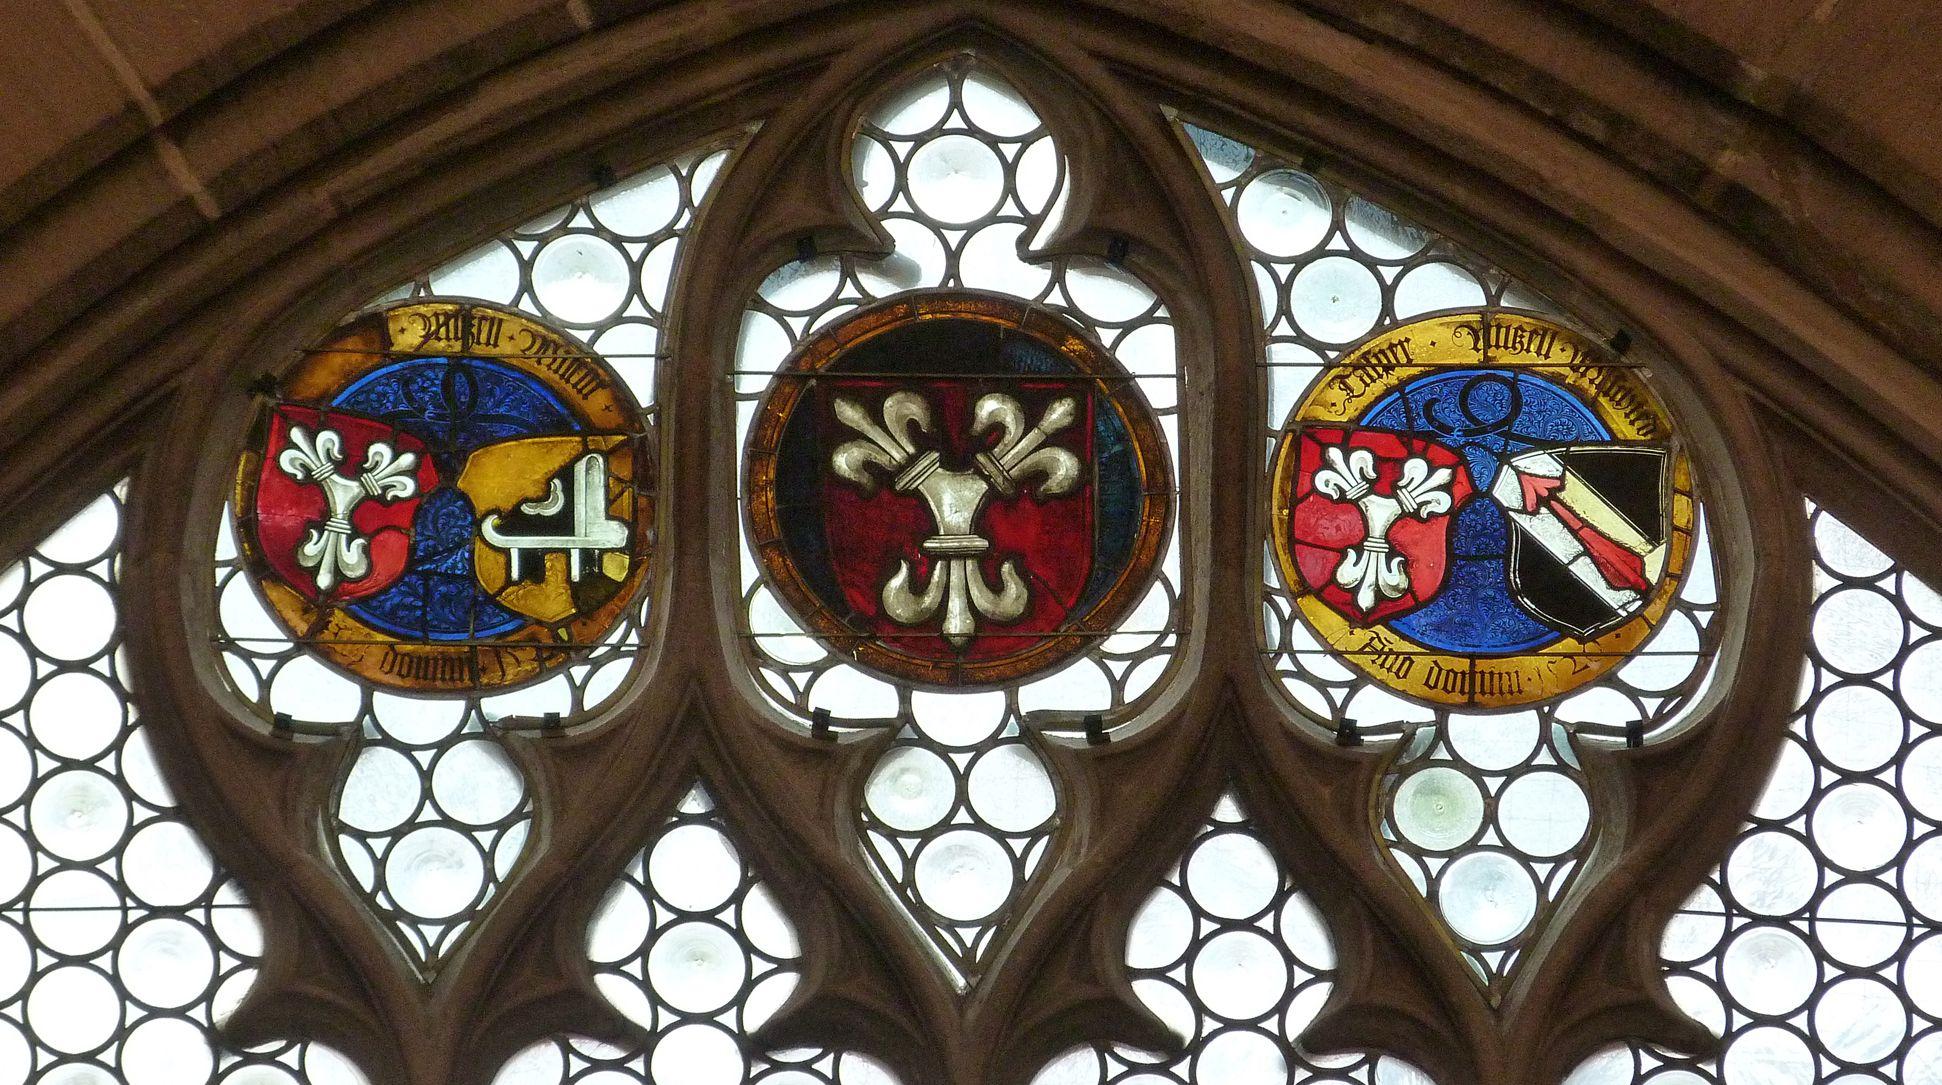 Hirschvogelfenster Fenster-Couronemment, obere Wappenreihe